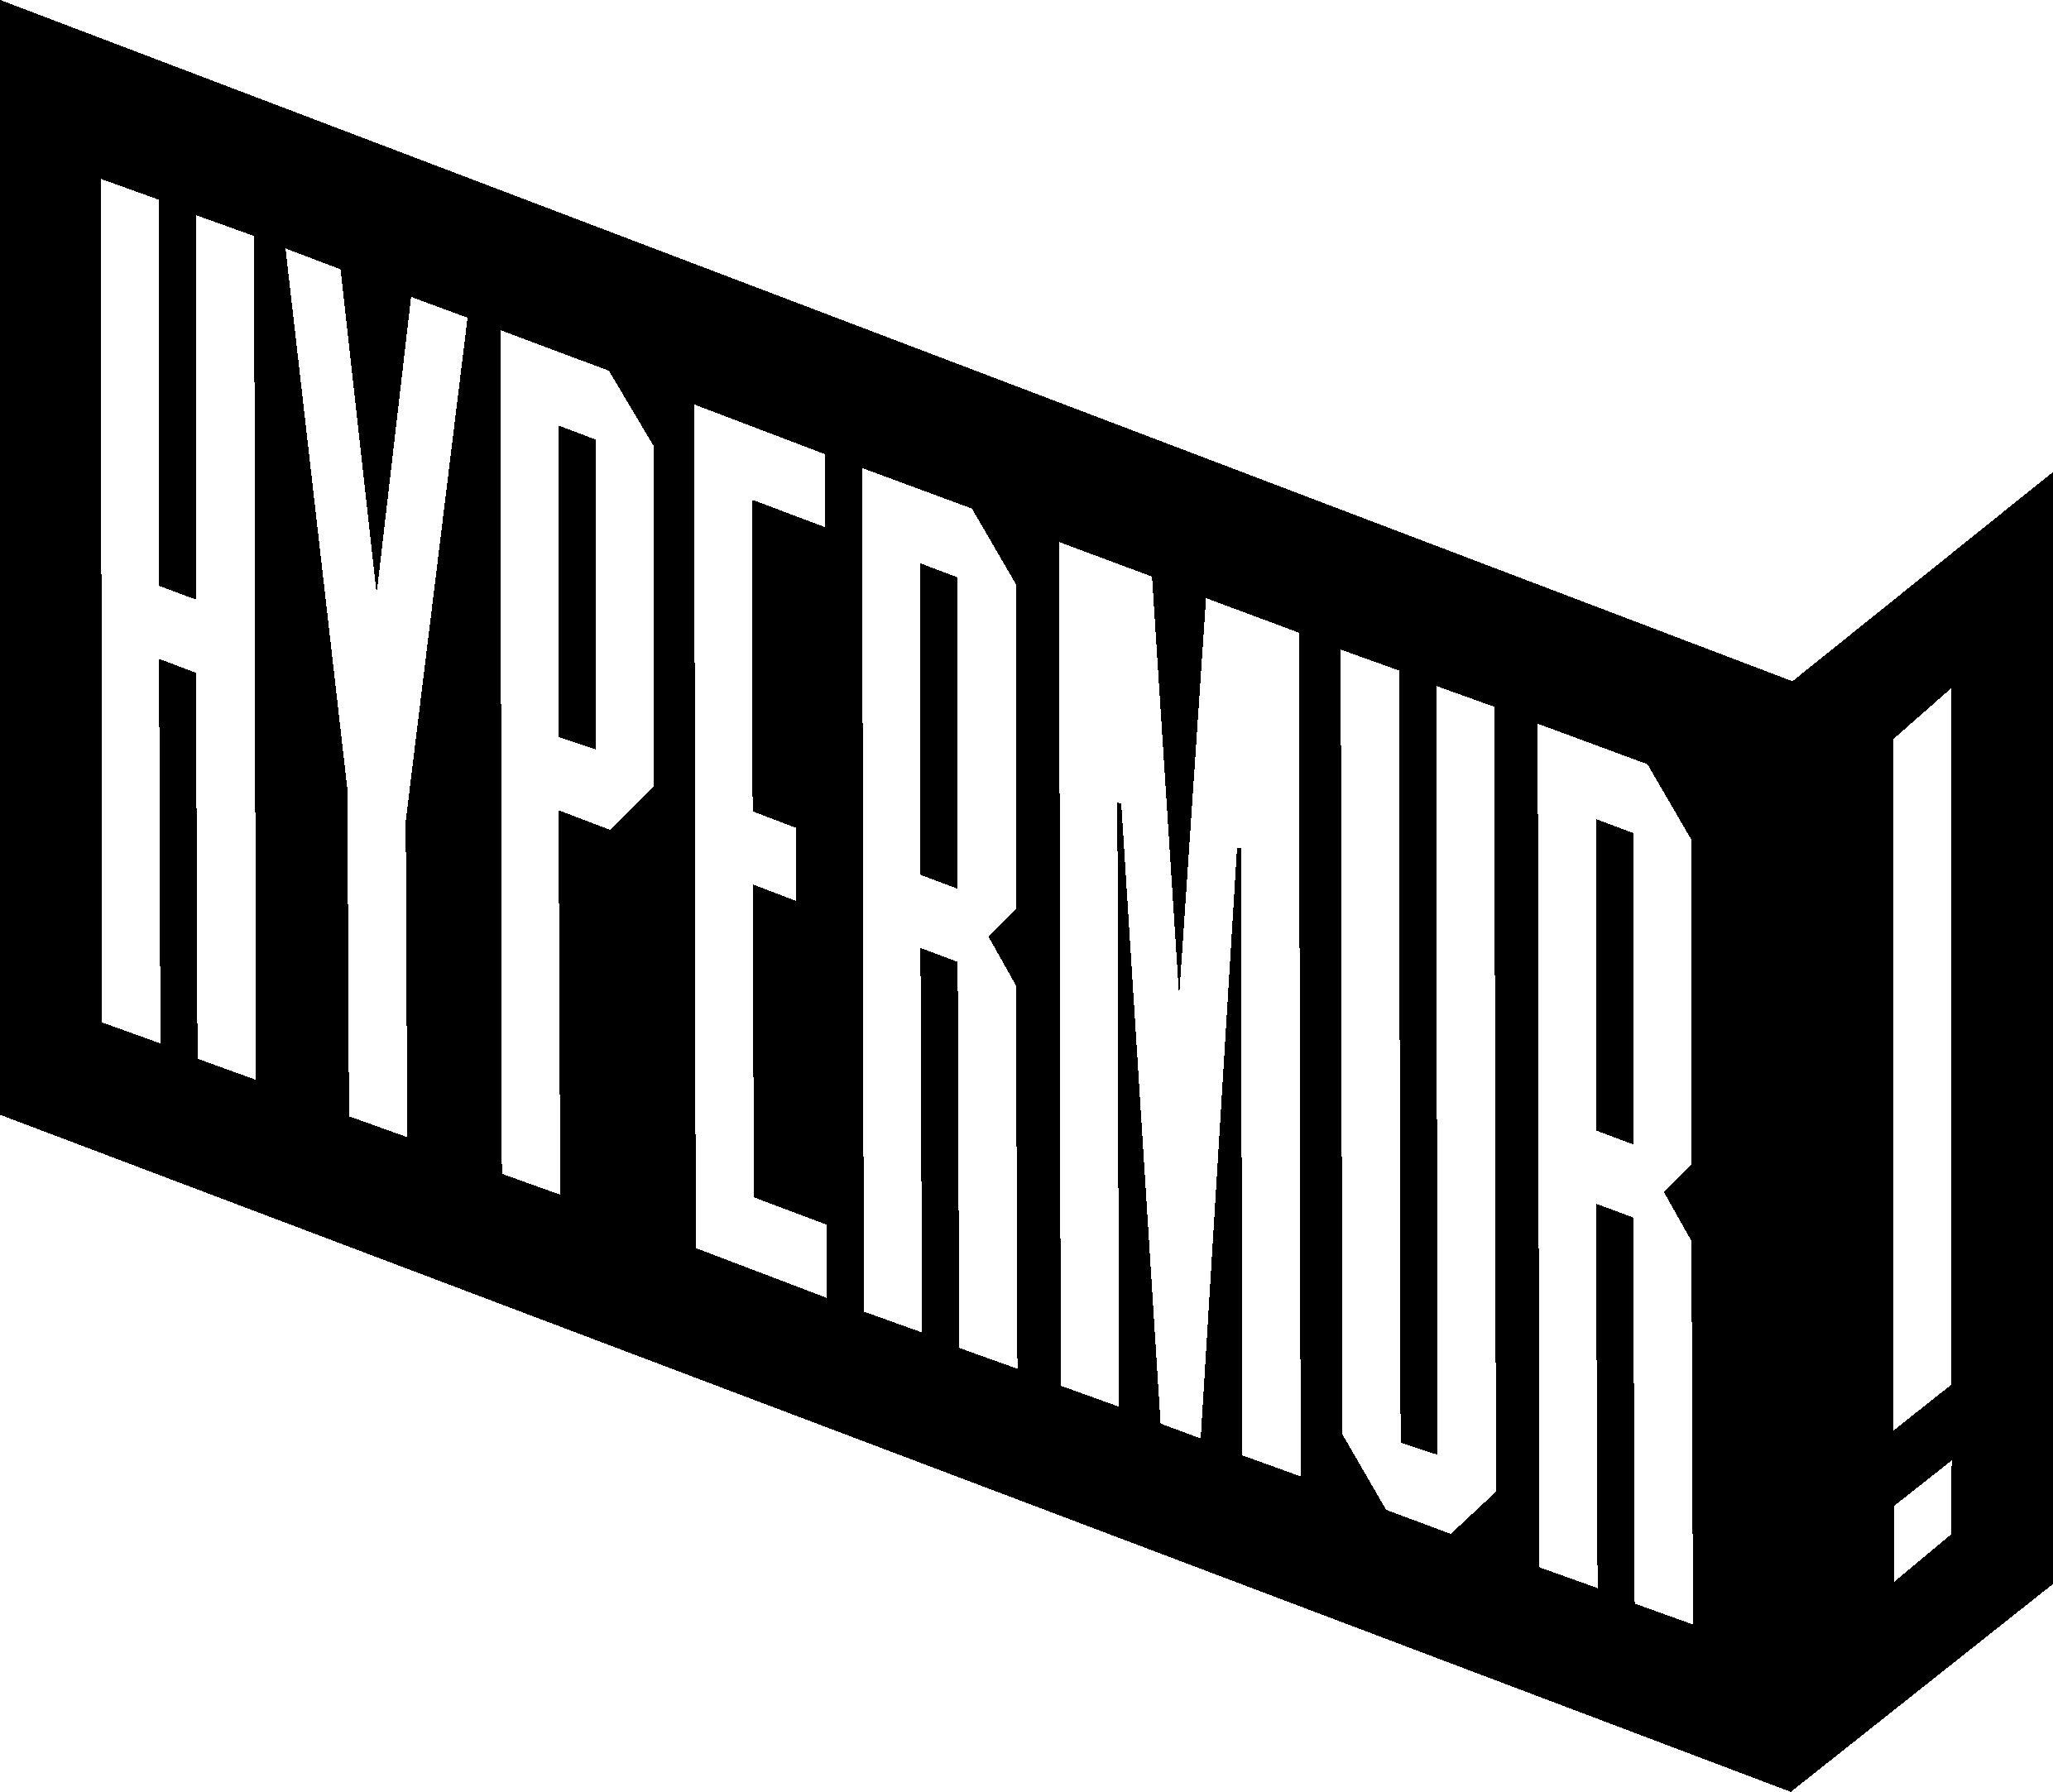 Hypermur